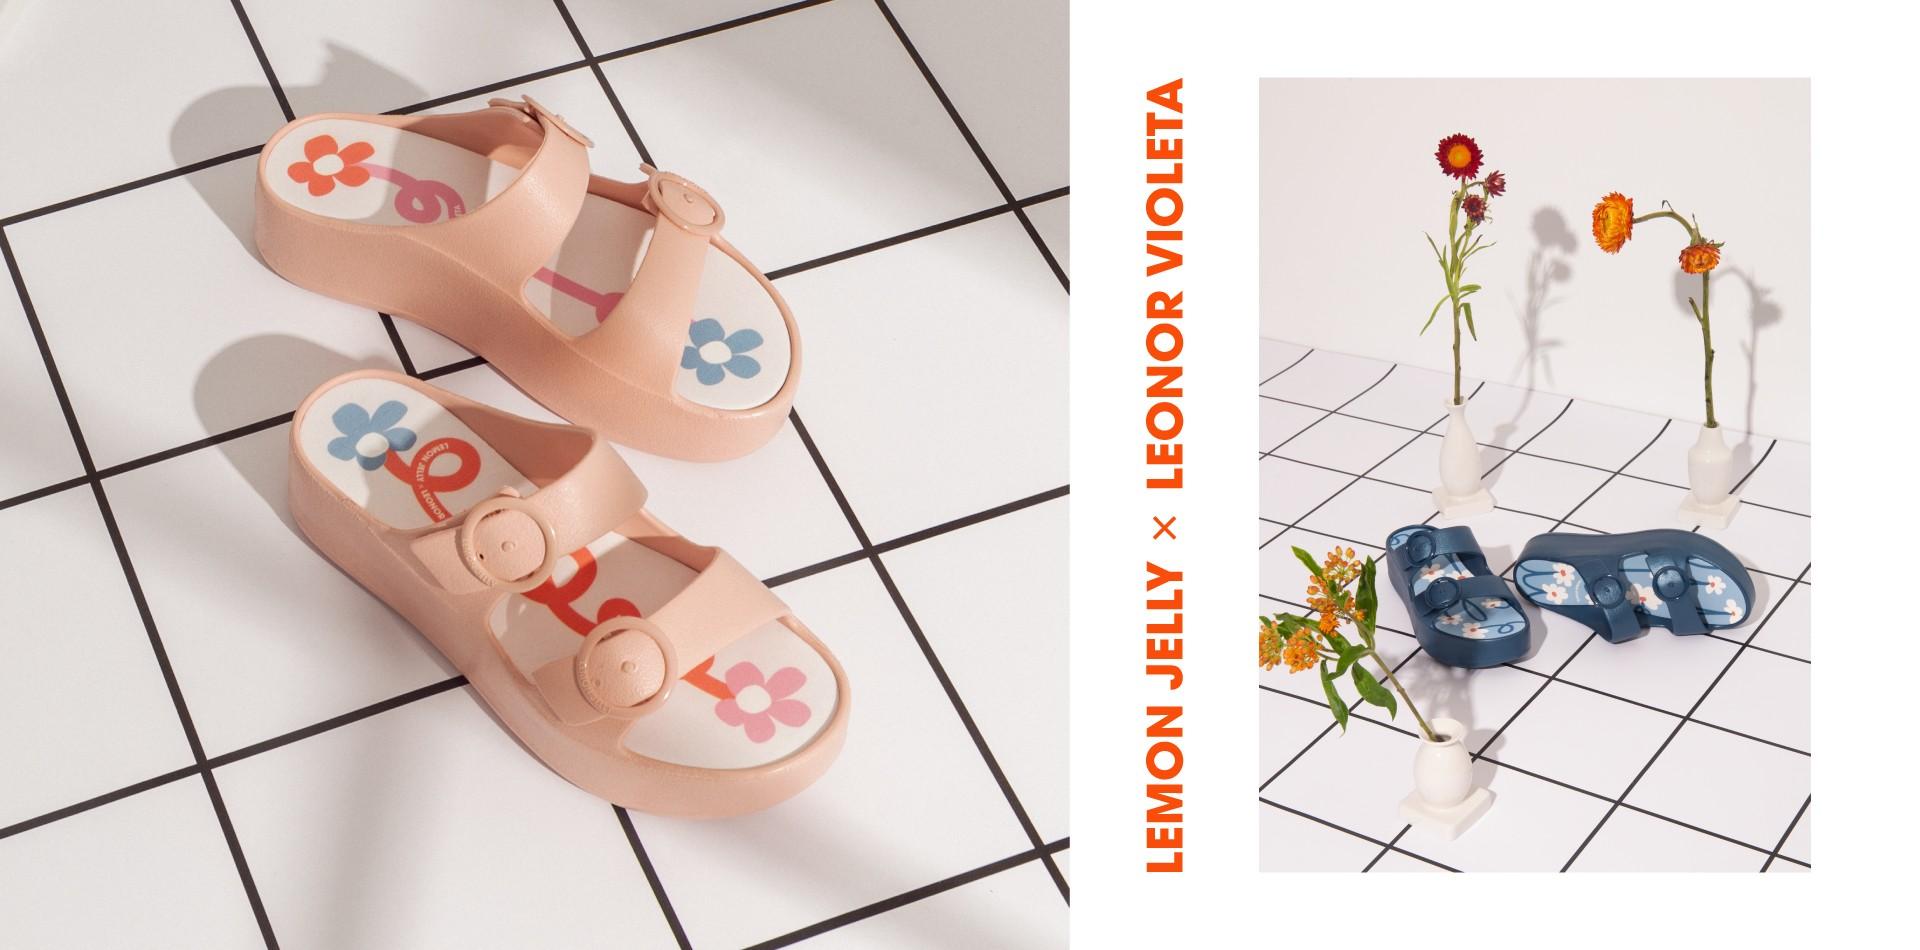 slides and sandals spring summer 2021